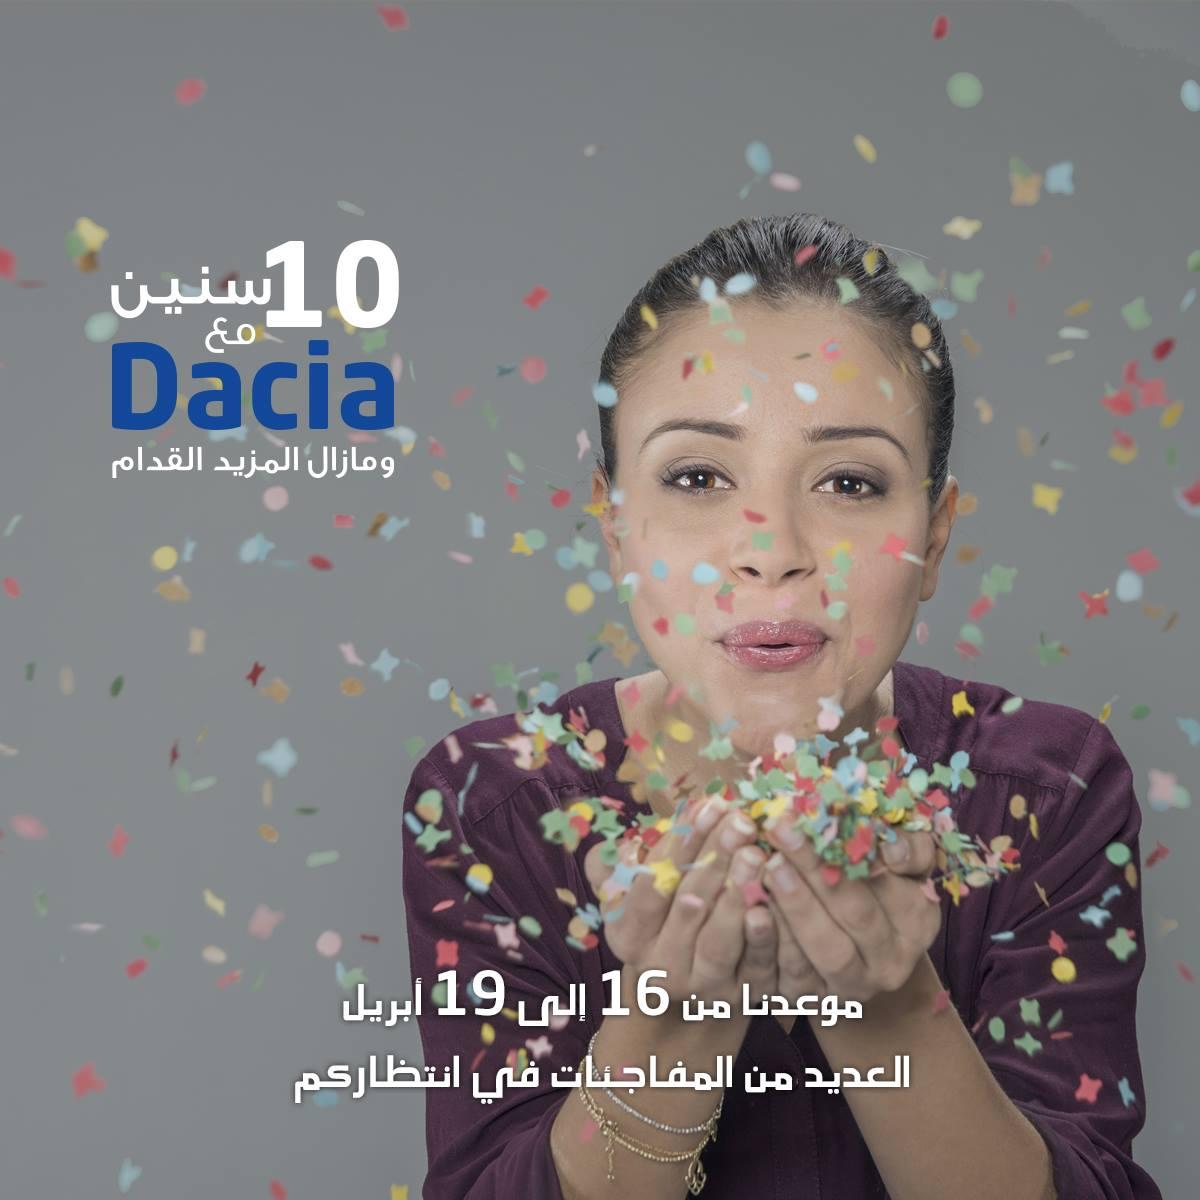 dacia_10_ans